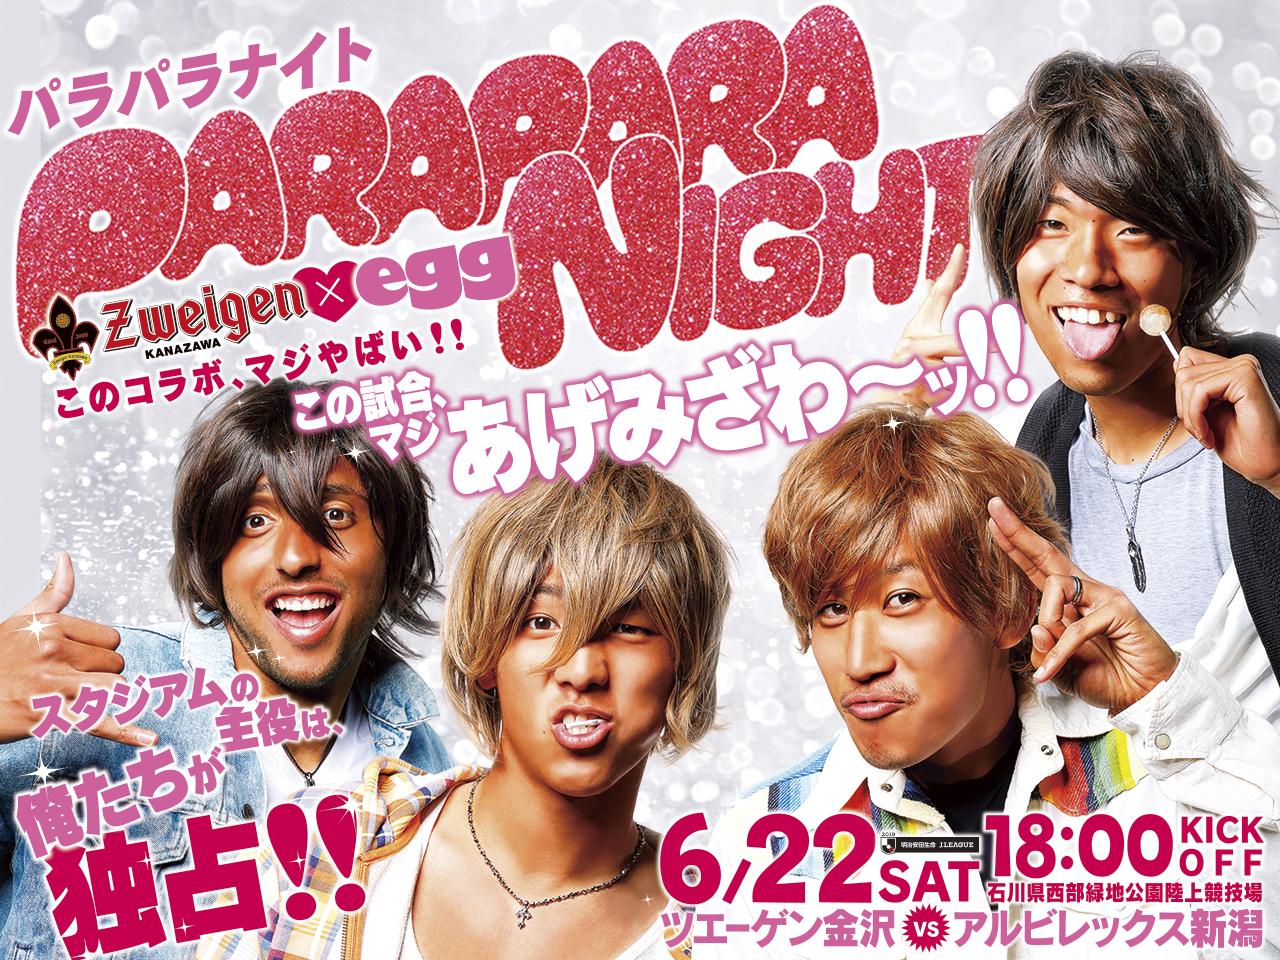 ツエーゲン金沢 J2リーグ第19節 vs アルビレックス新潟/PARAPARA NIGHT☆